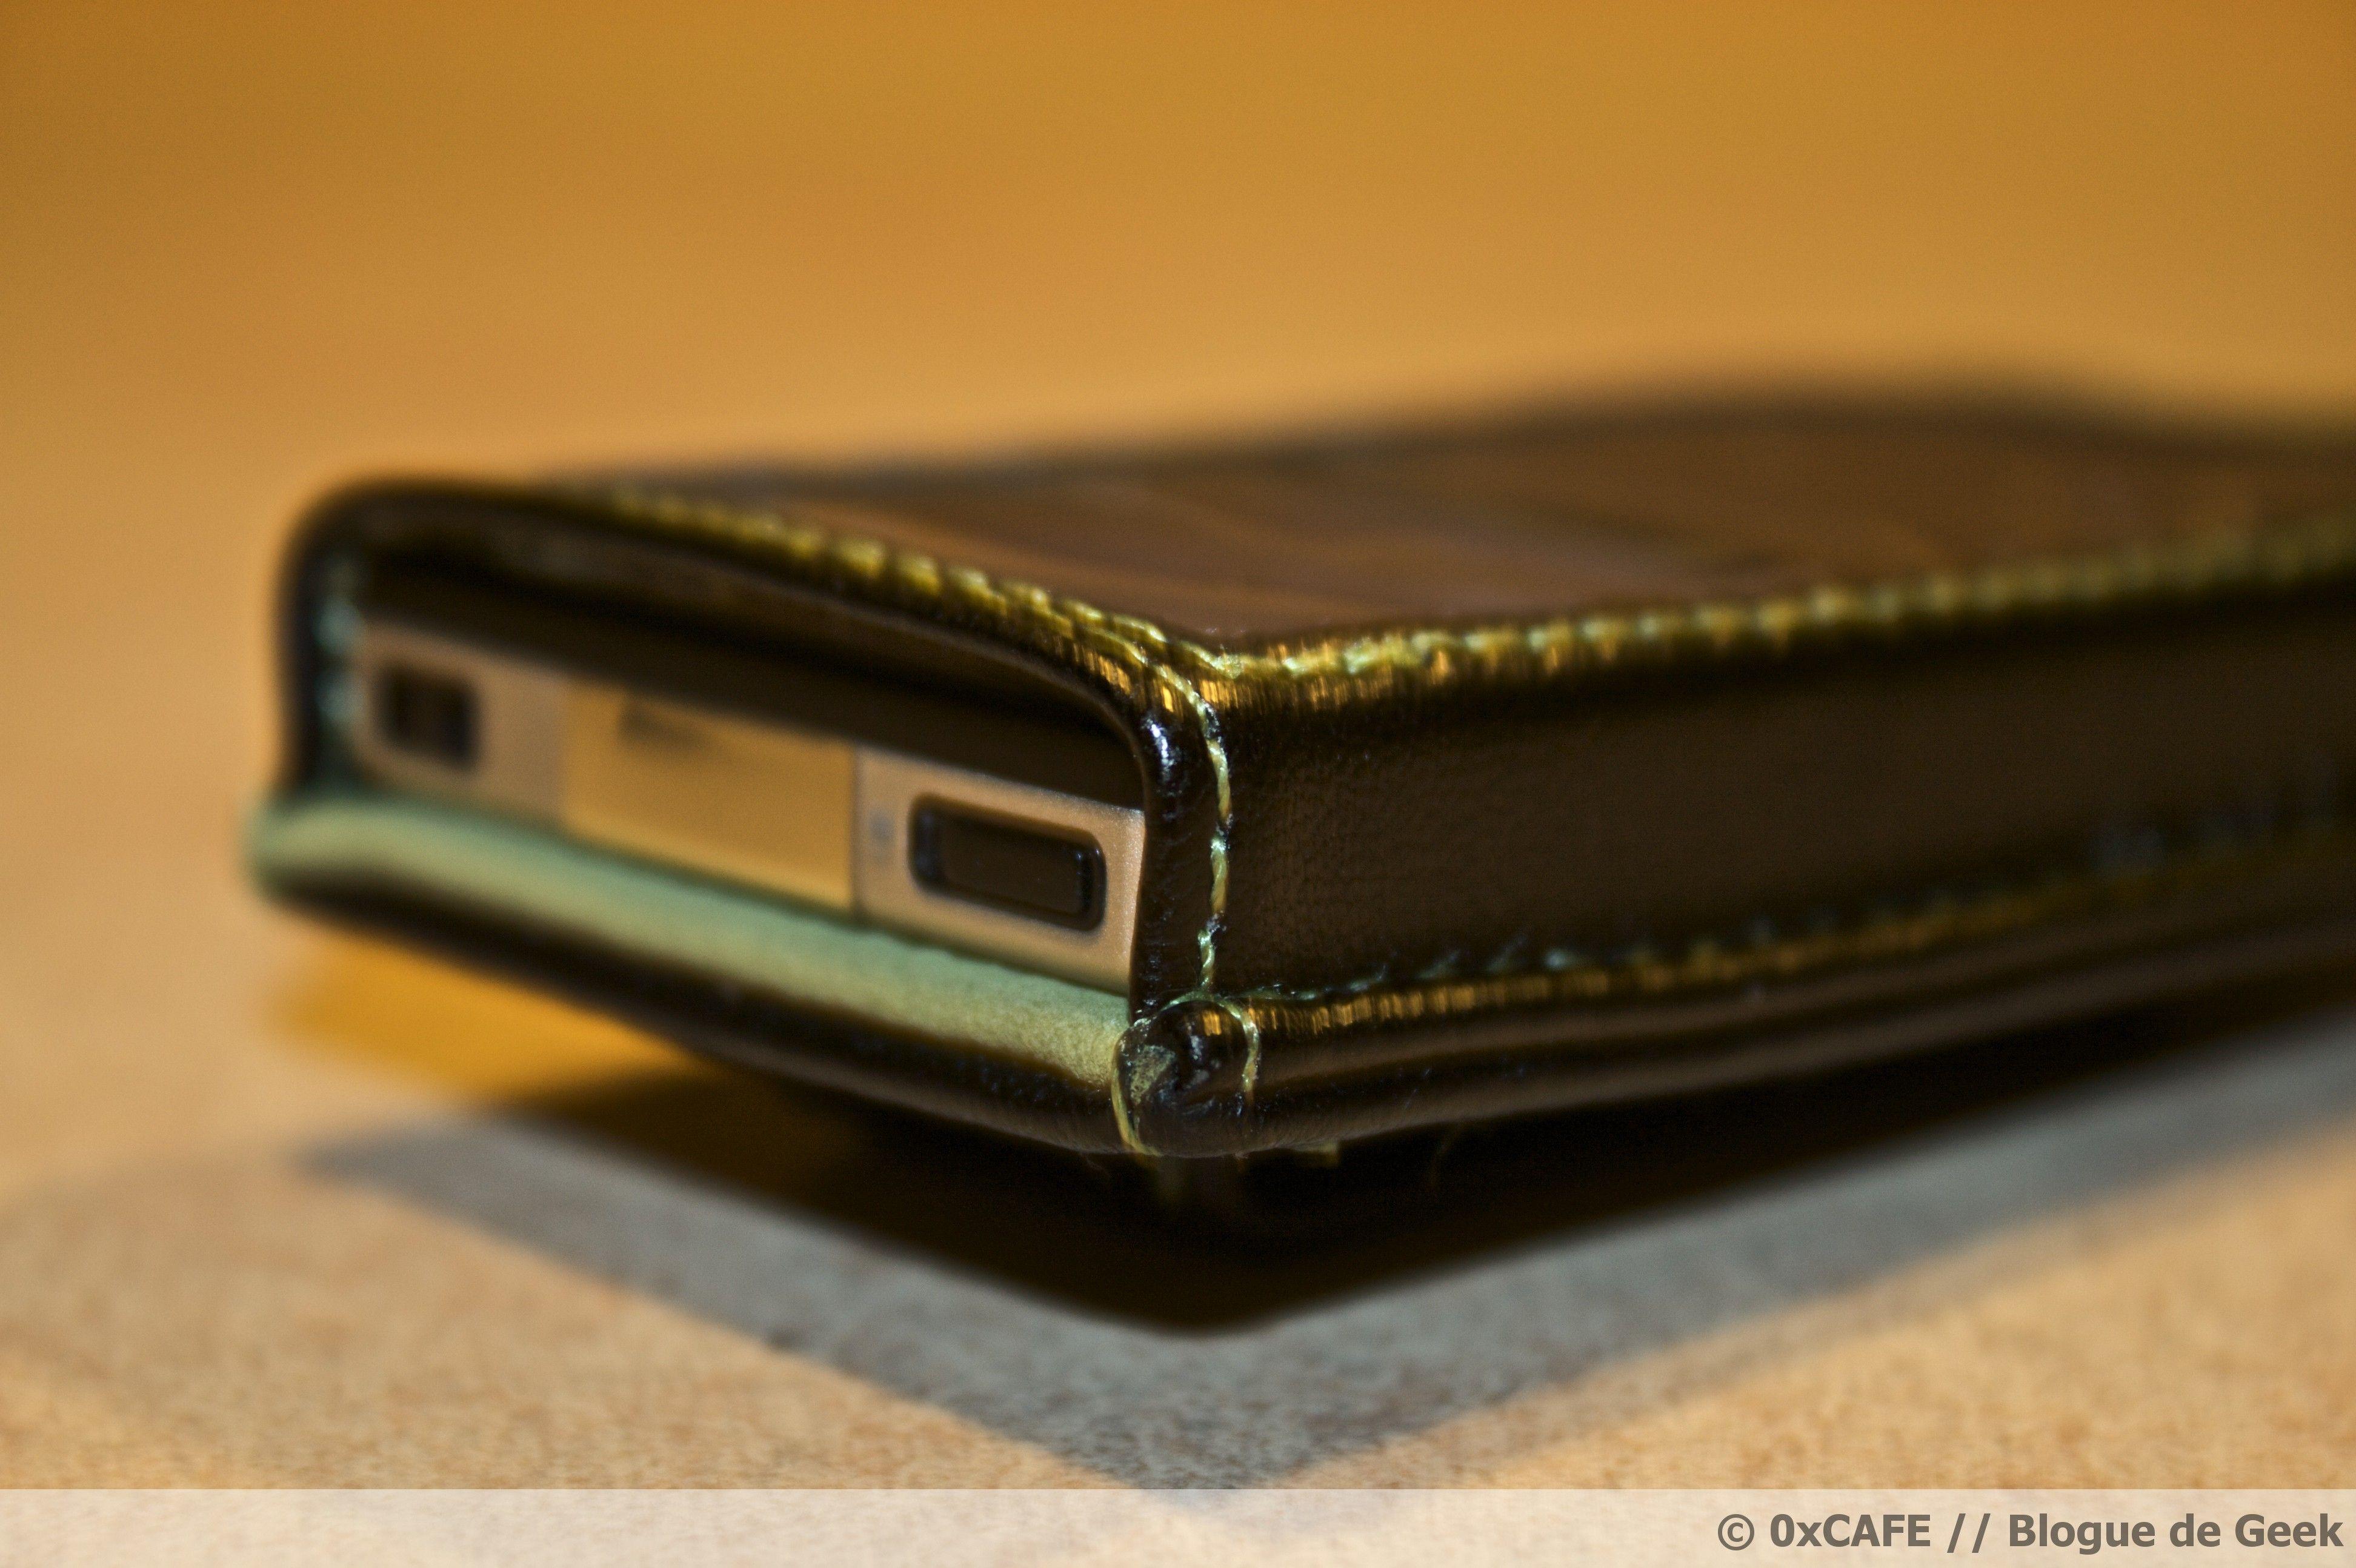 image 92 - [Évaluation] Étui de cuir HipCase de DLO pour le Zune 8Go